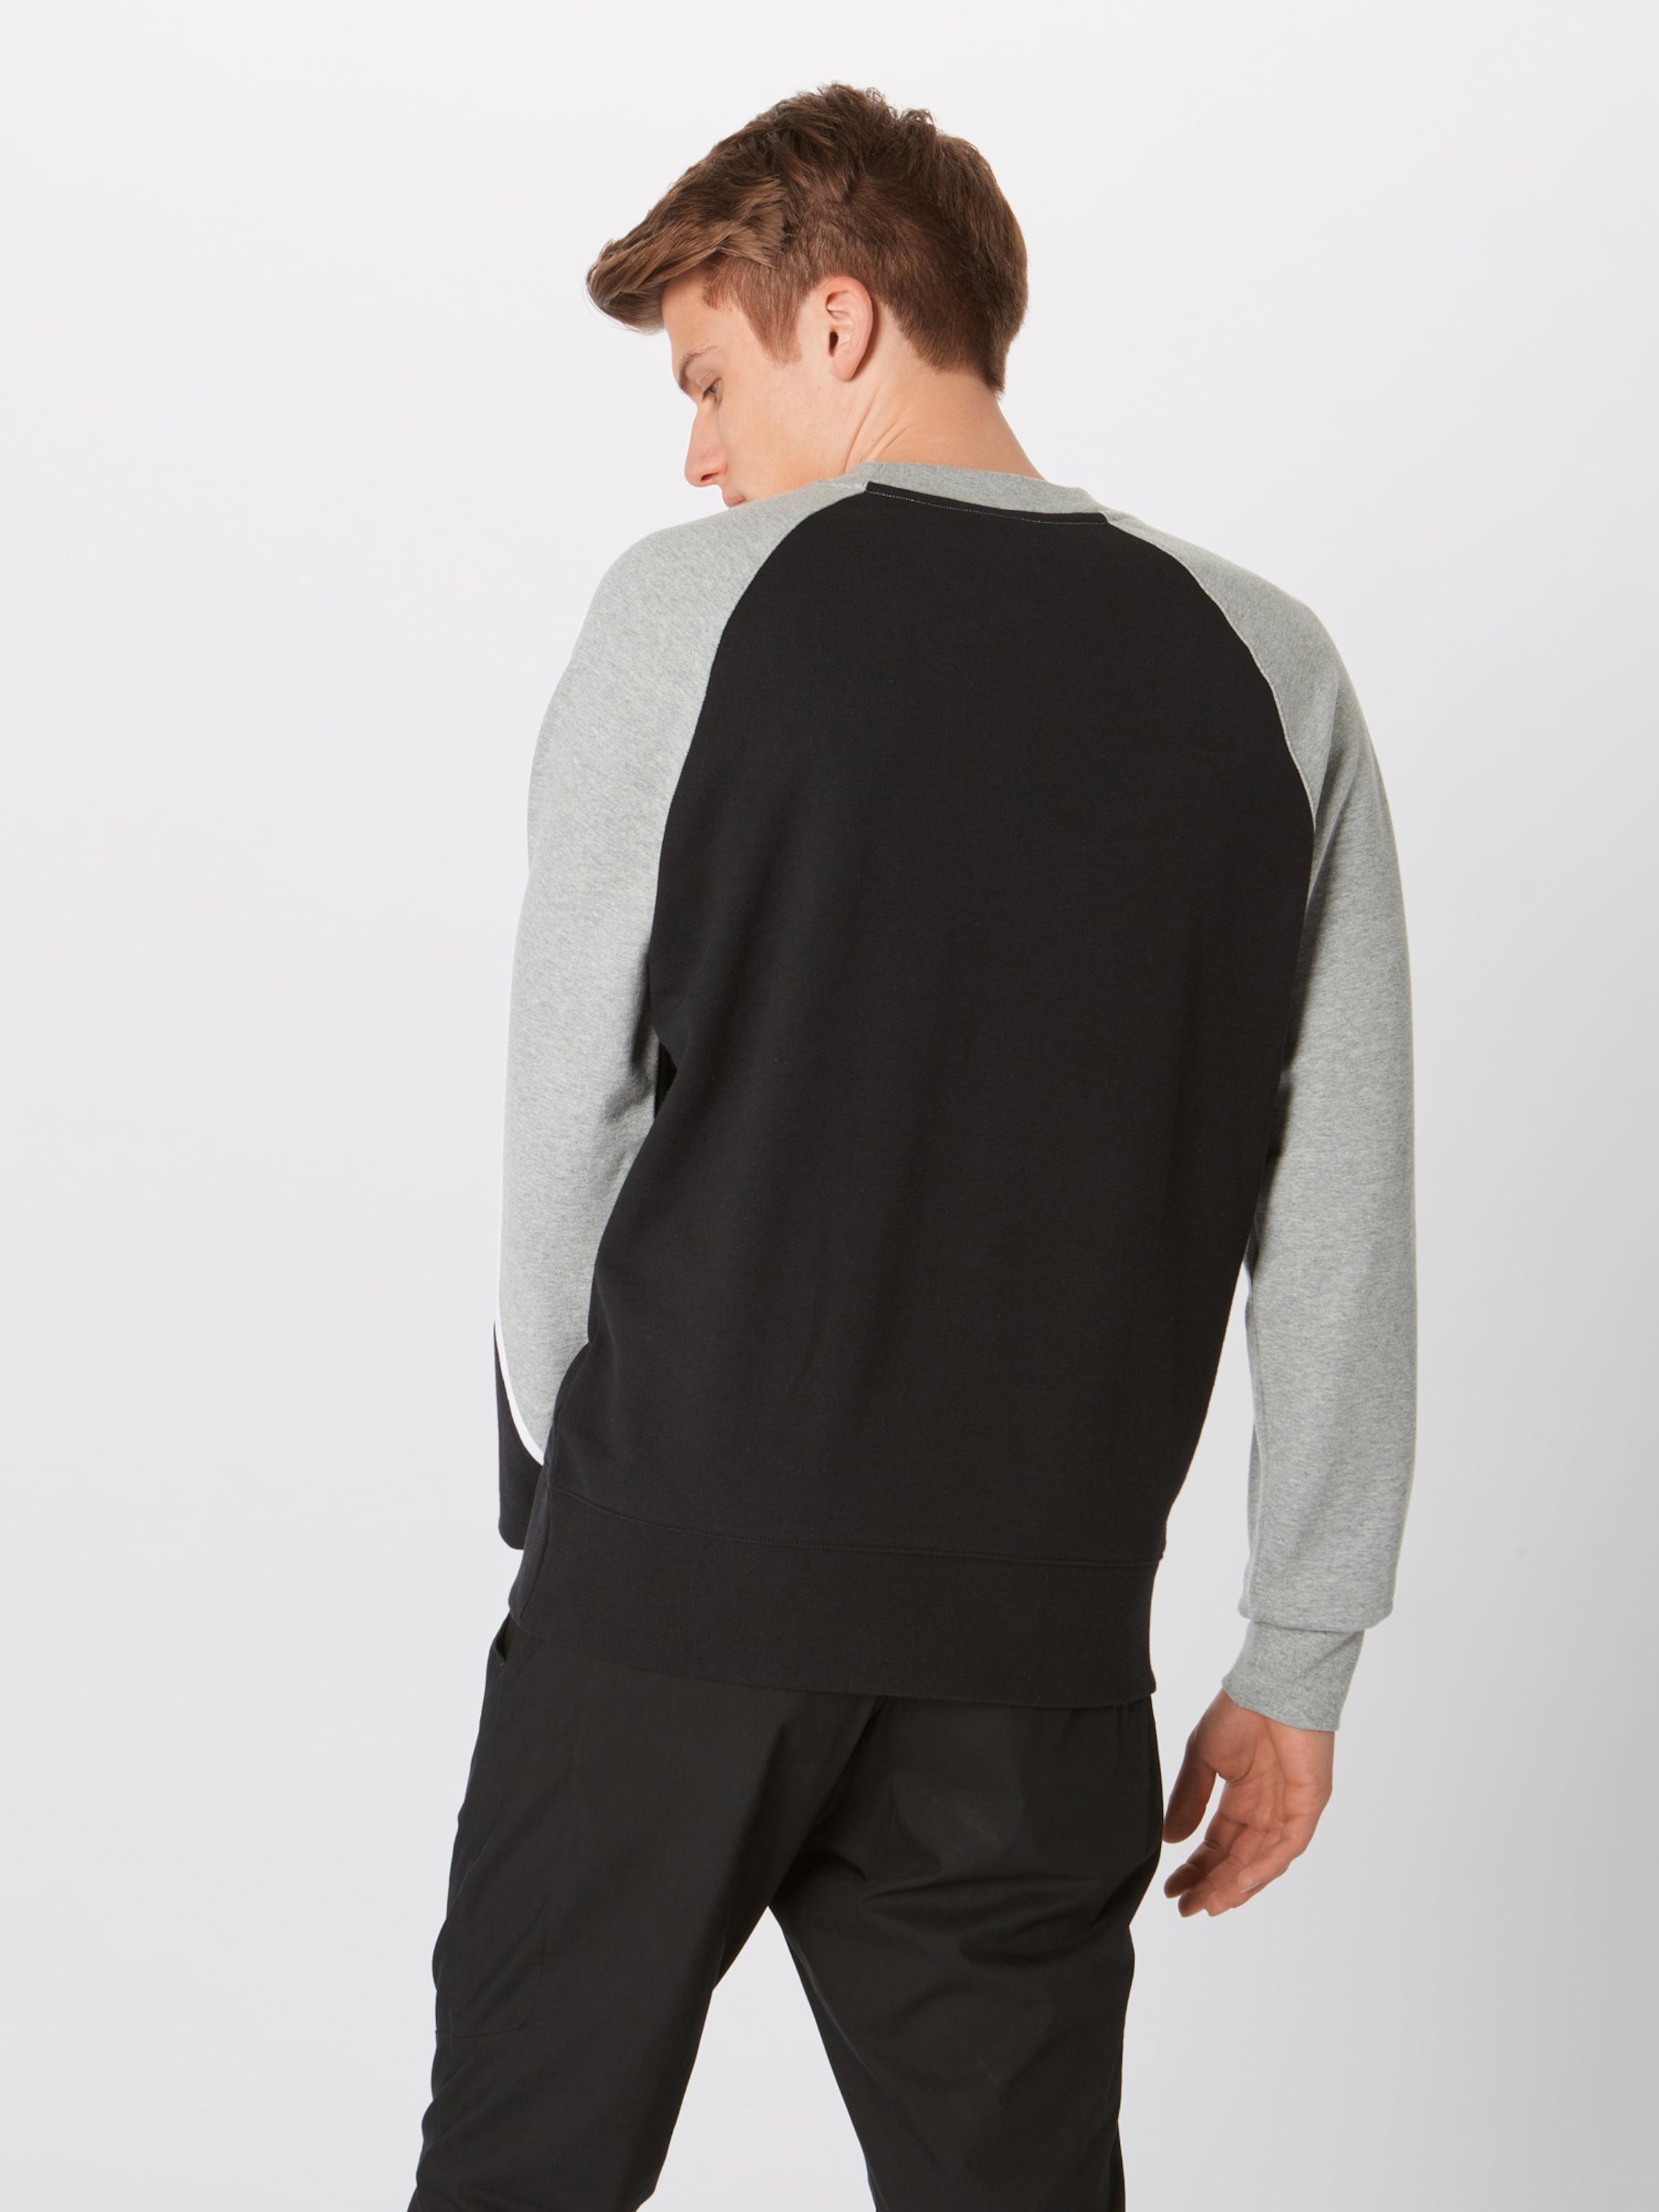 Pullover In Sportswear GrauSchwarz Weiß Nike UVSzqGpM